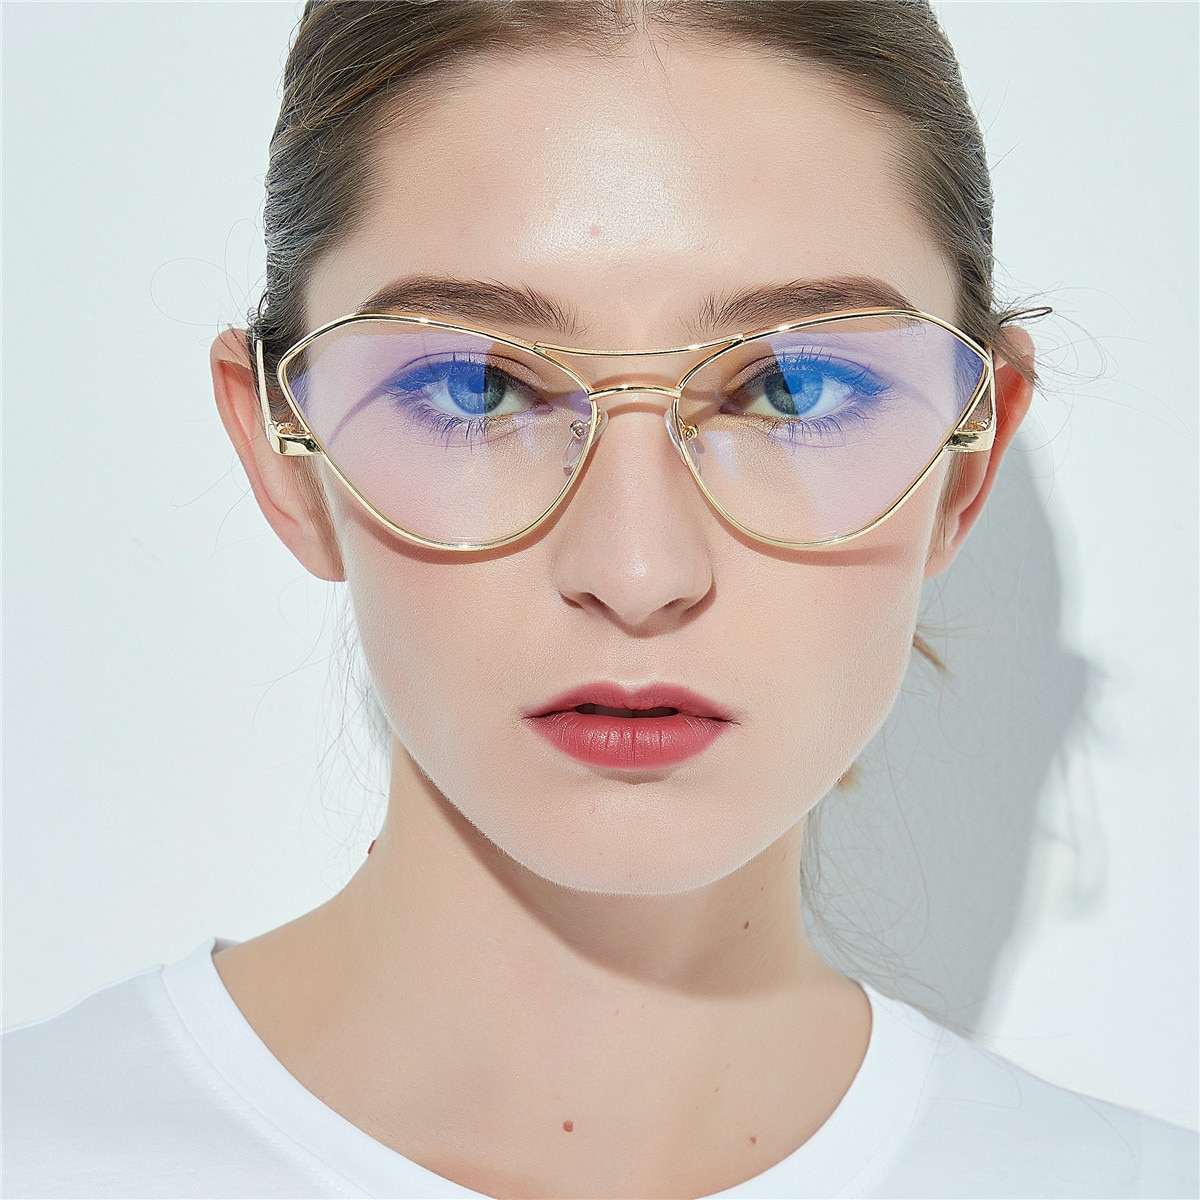 Бренд MINCL, титановый сплав, металлическая оправа, прогрессивные очки для чтения, мужские очки для дальнозоркости, женские кошачьи Мультифокальные очки NX